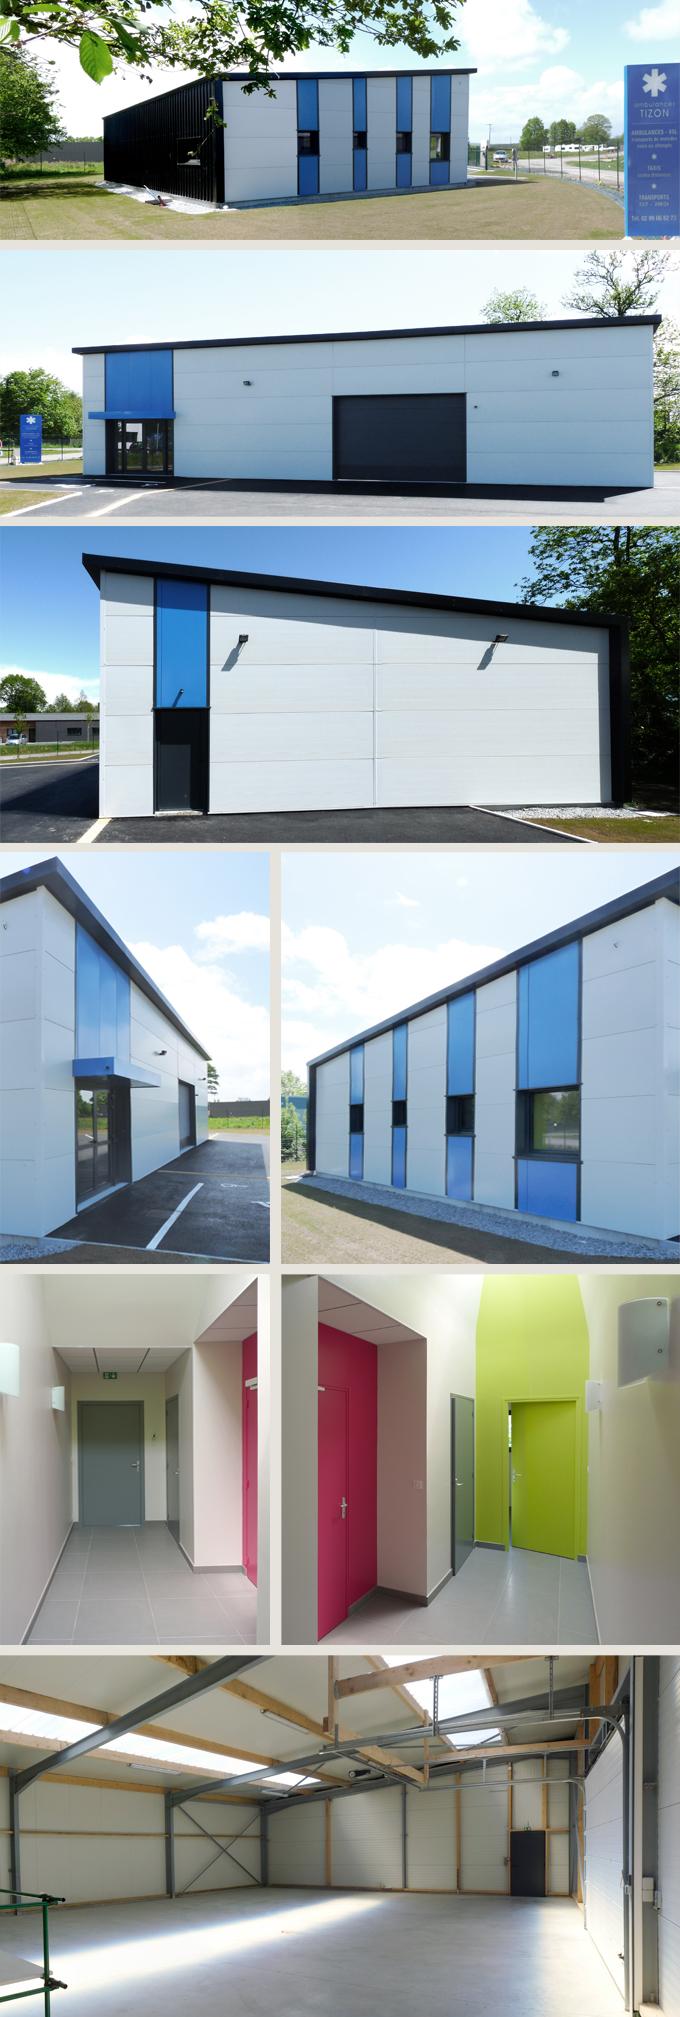 Création d'un centre ambulancier en construction métallique + bois à Plélan le Grand (35380)